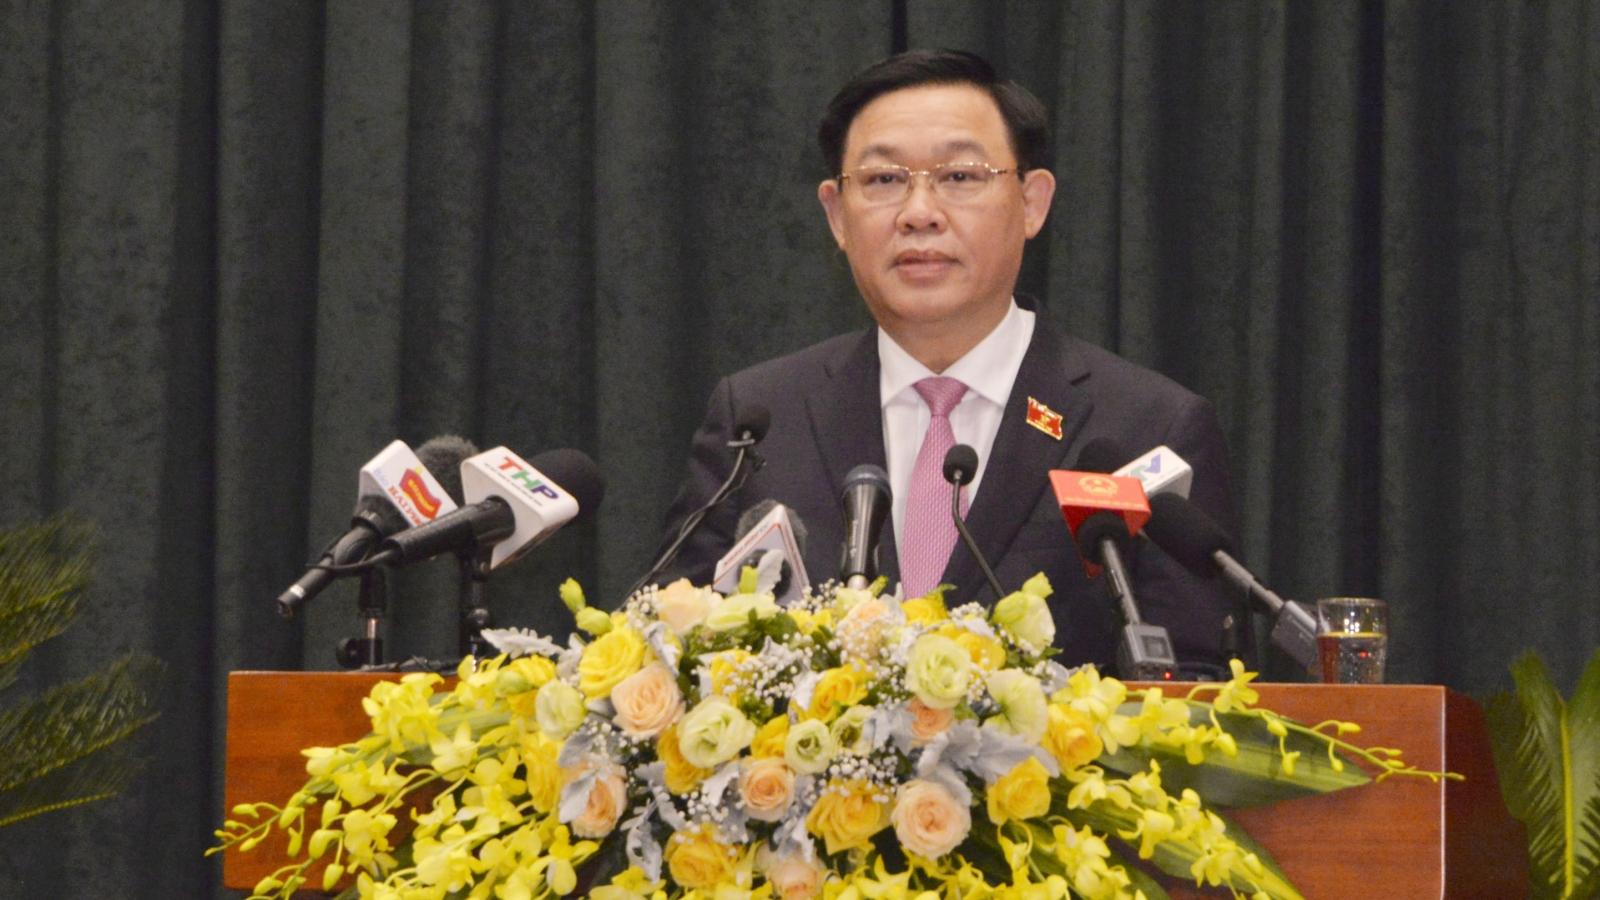 Chủ tịch Quốc hội: Các đại biểu cần thực hiện tốt lời hứa của mình